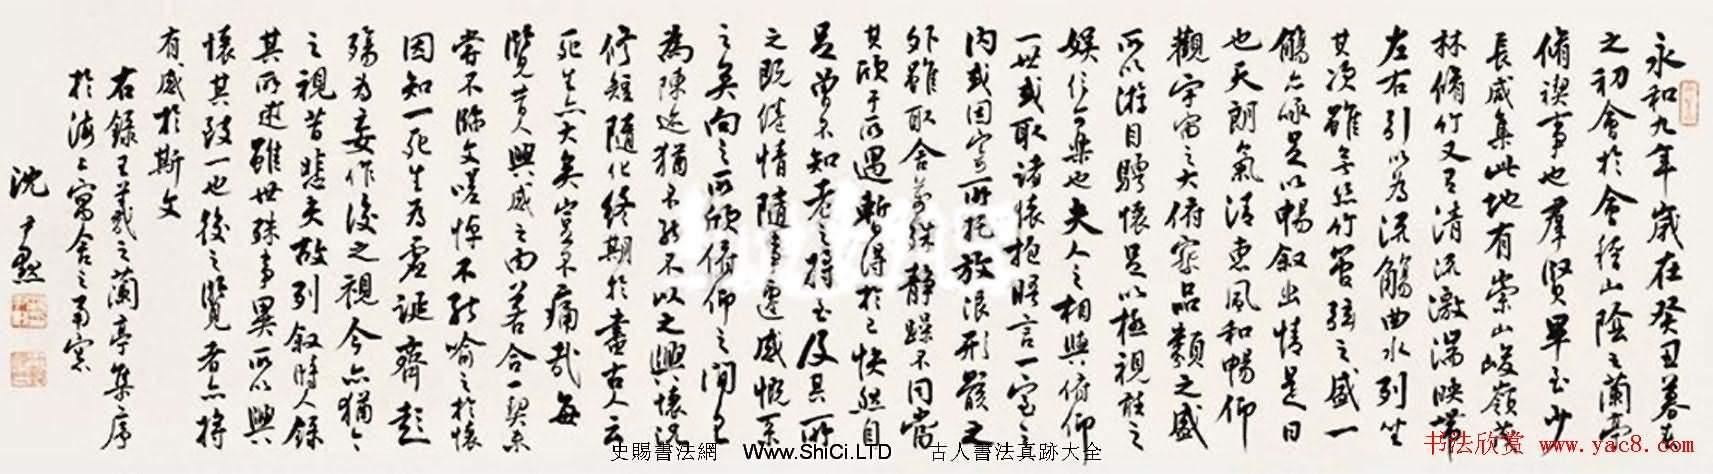 沈尹默書法作品真跡欣賞臨《蘭亭序》三種(共3張圖片)